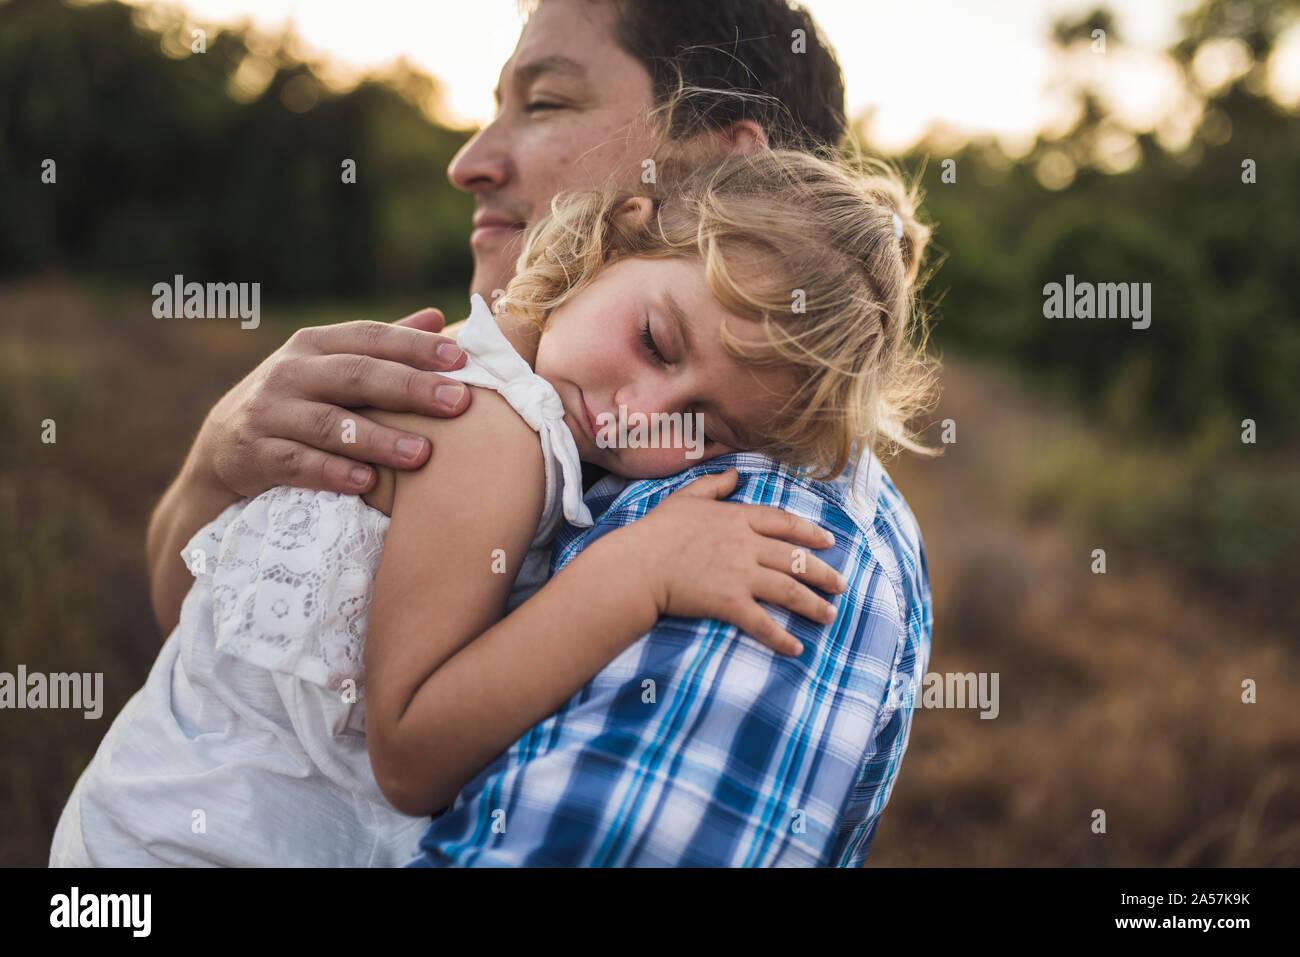 4 Jahre altes Mädchen schlafend auf ihr Vati' Schulter-B/W-Foto Stockfoto